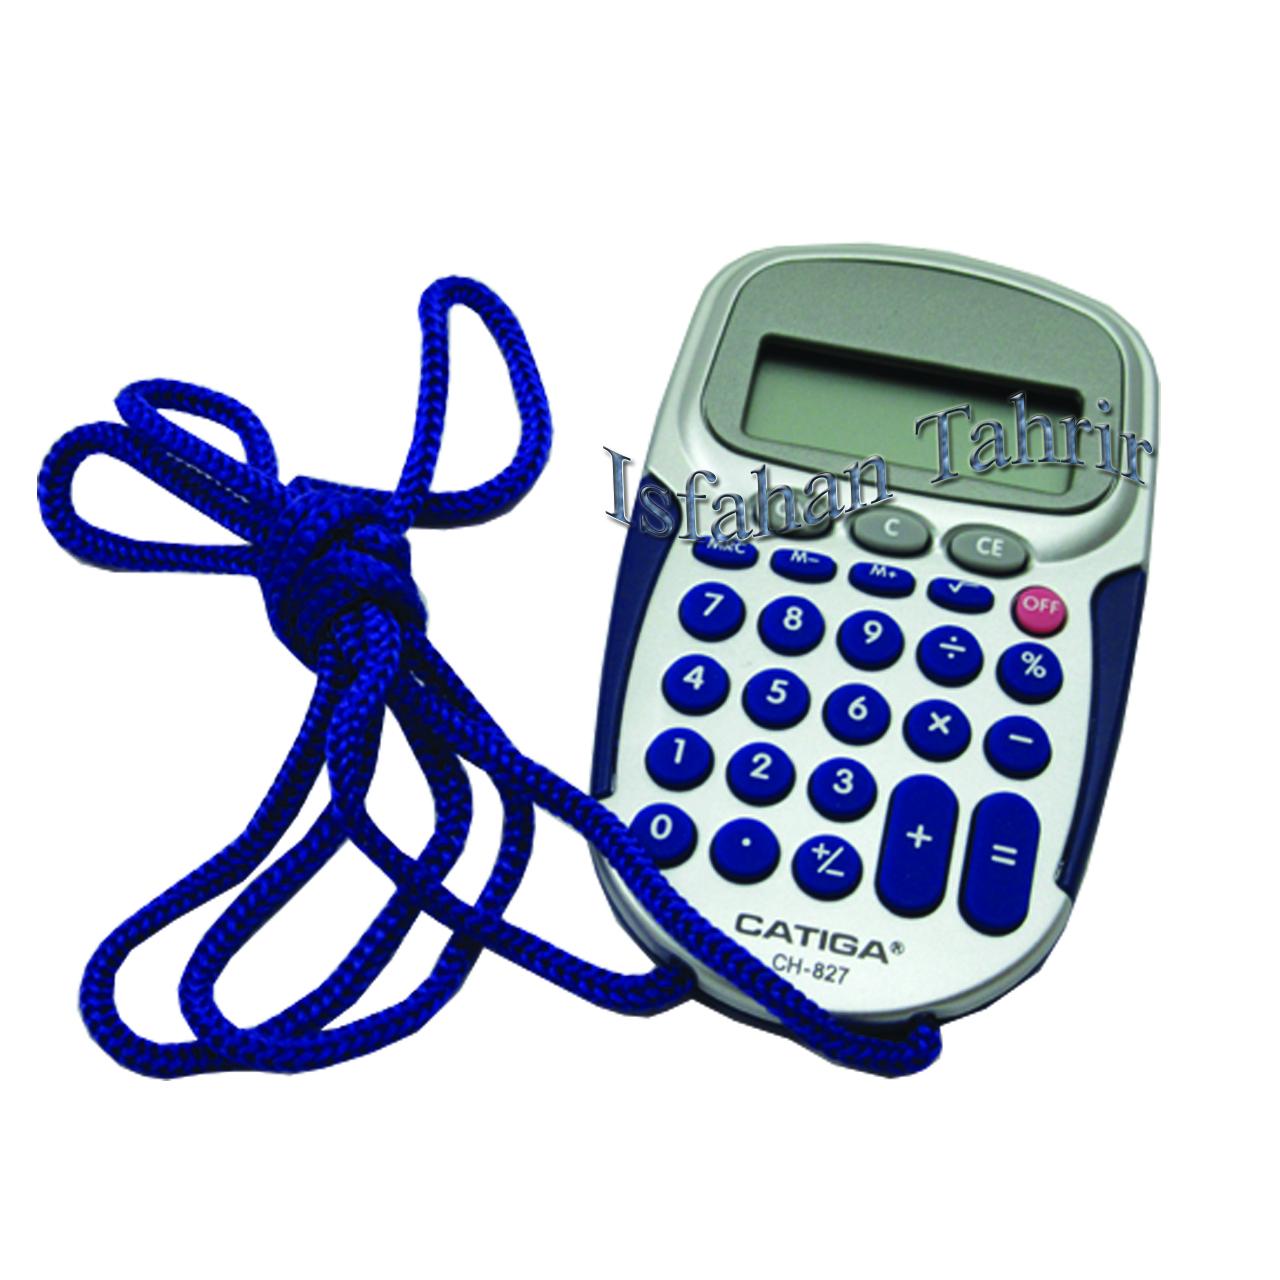 ماشین حساب مدل827